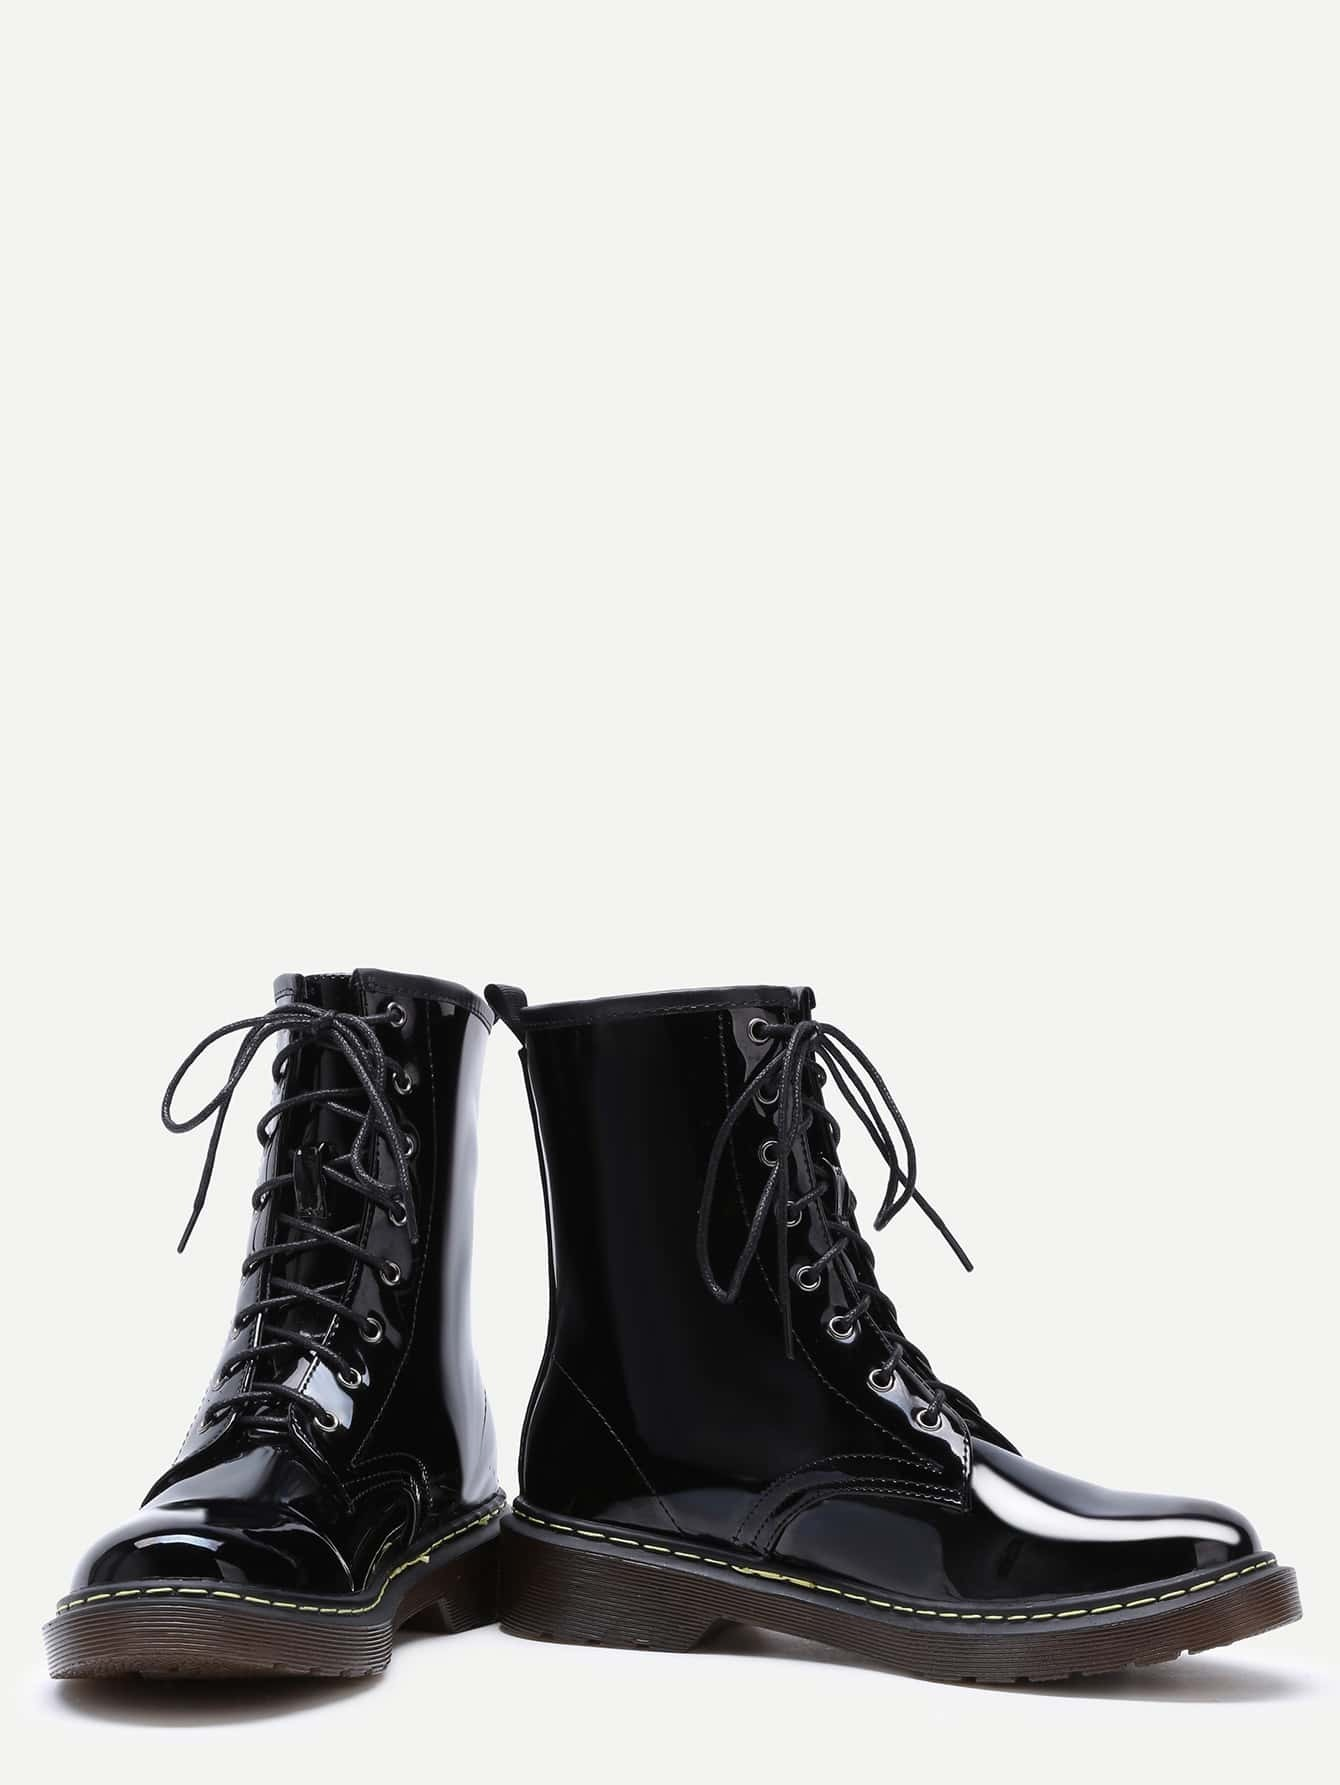 shoes160913901_2